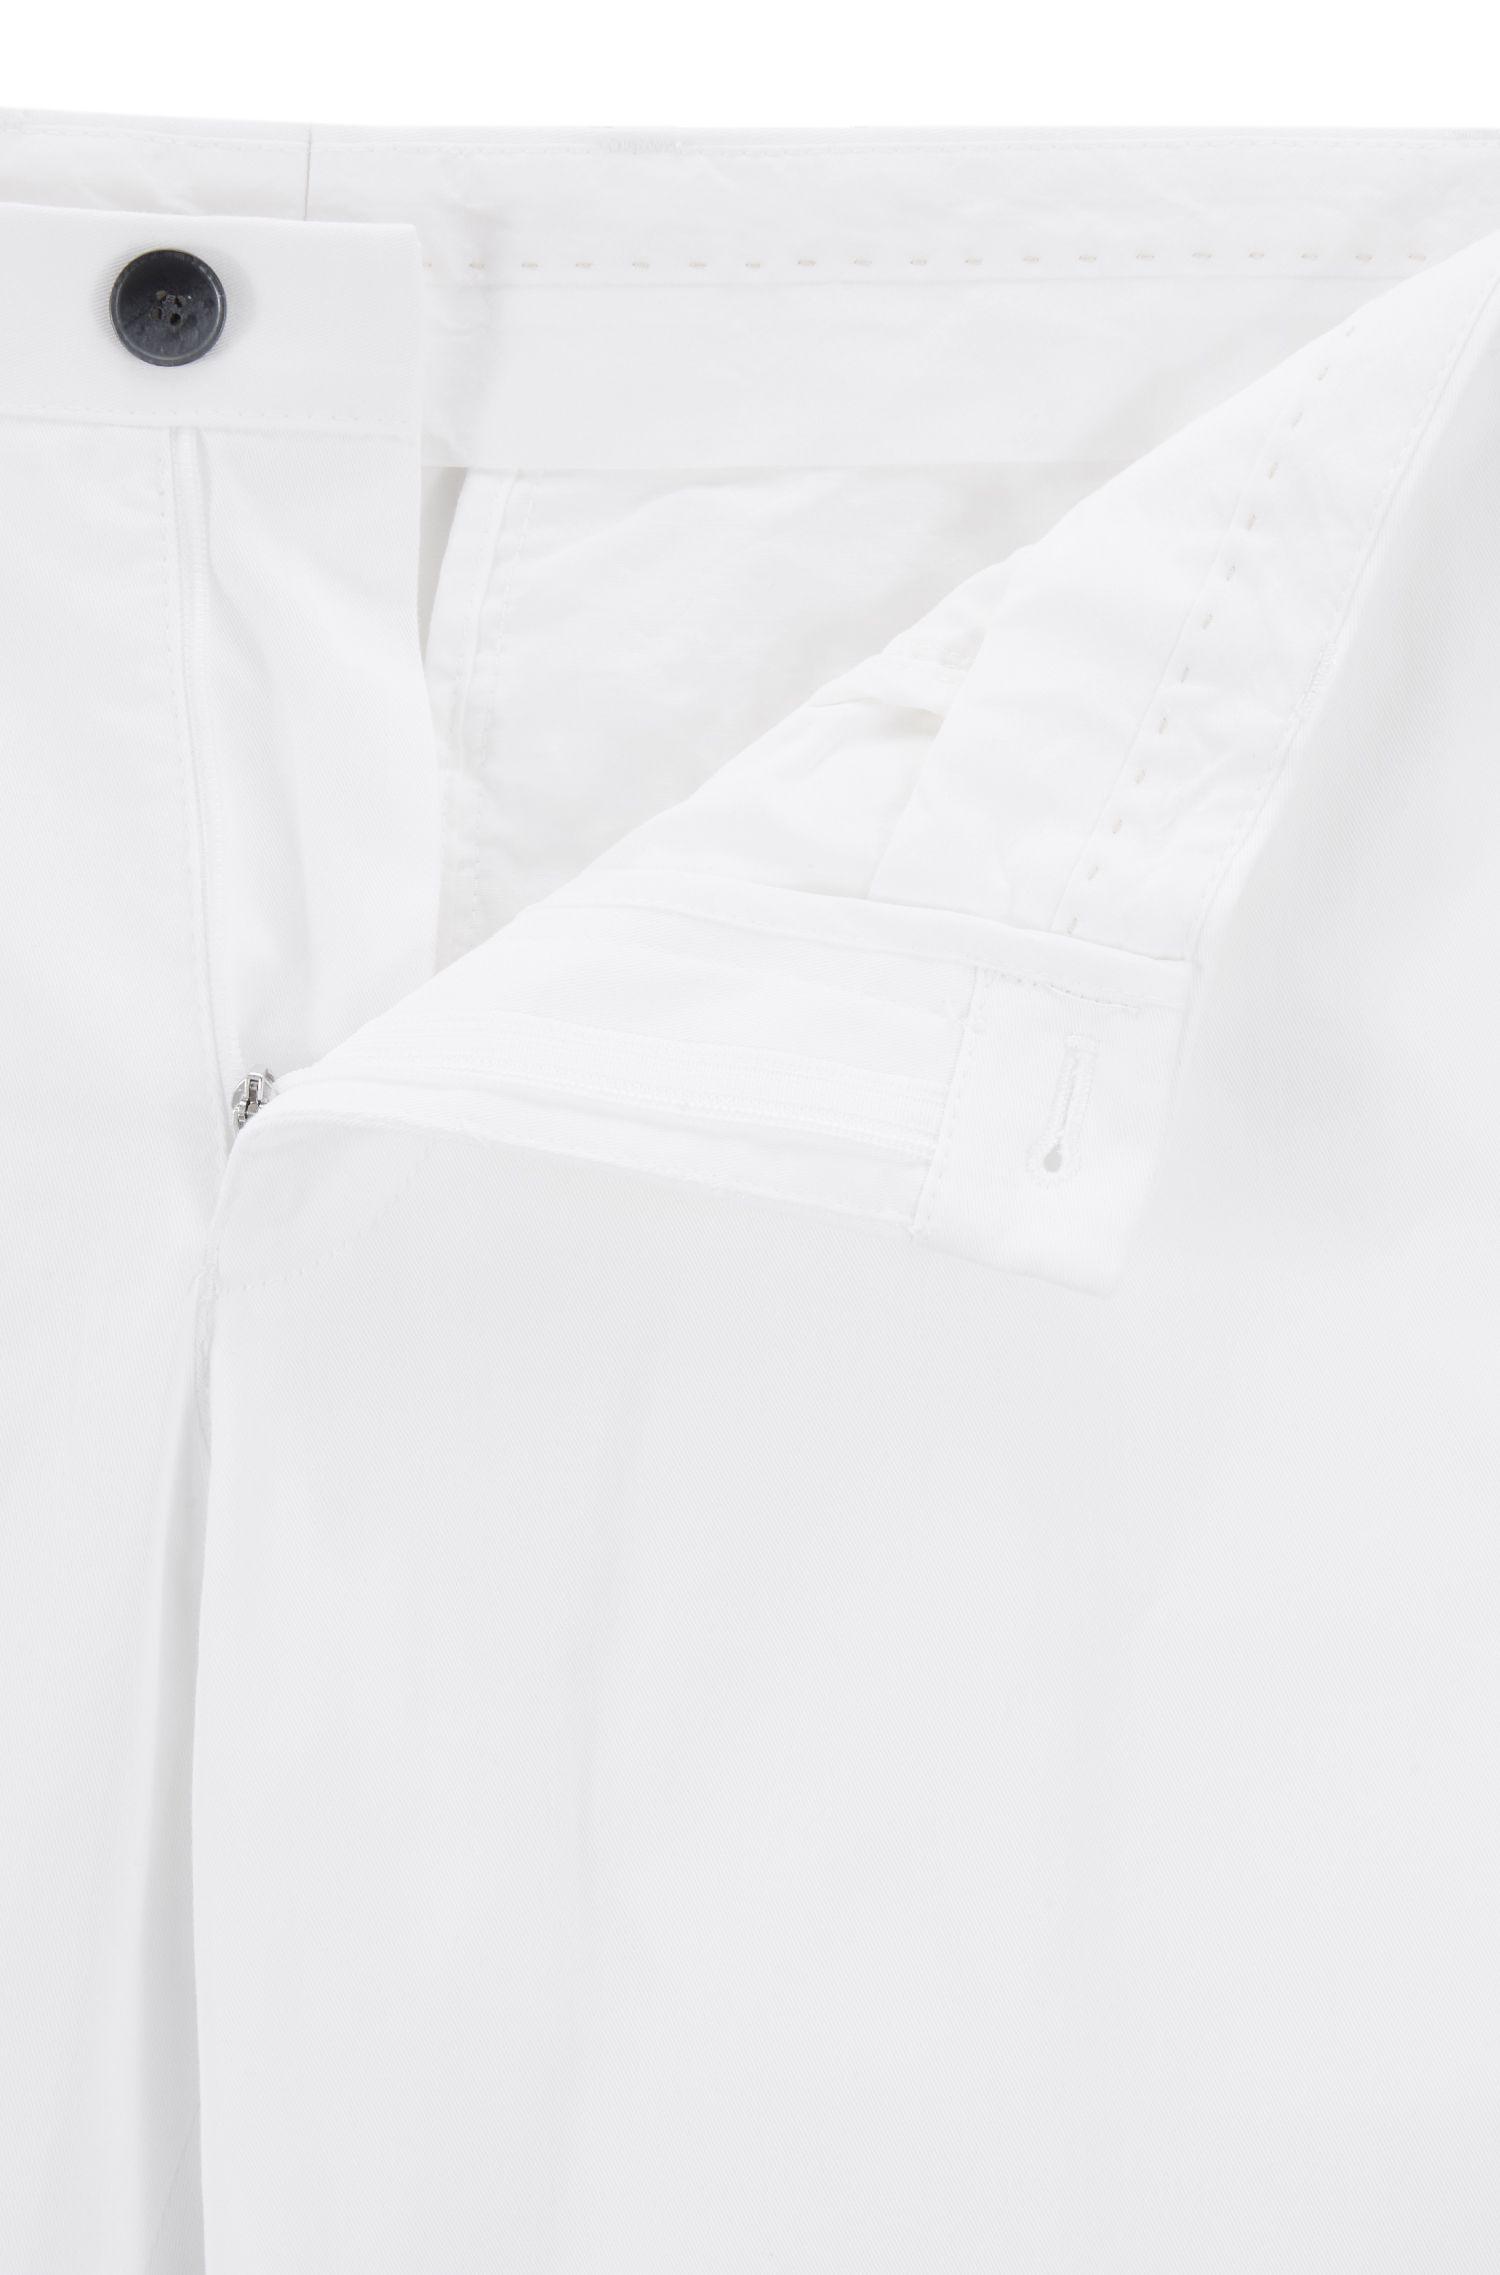 Pantalon Slim Fit en coton stretch avec passepoil intérieur, Blanc